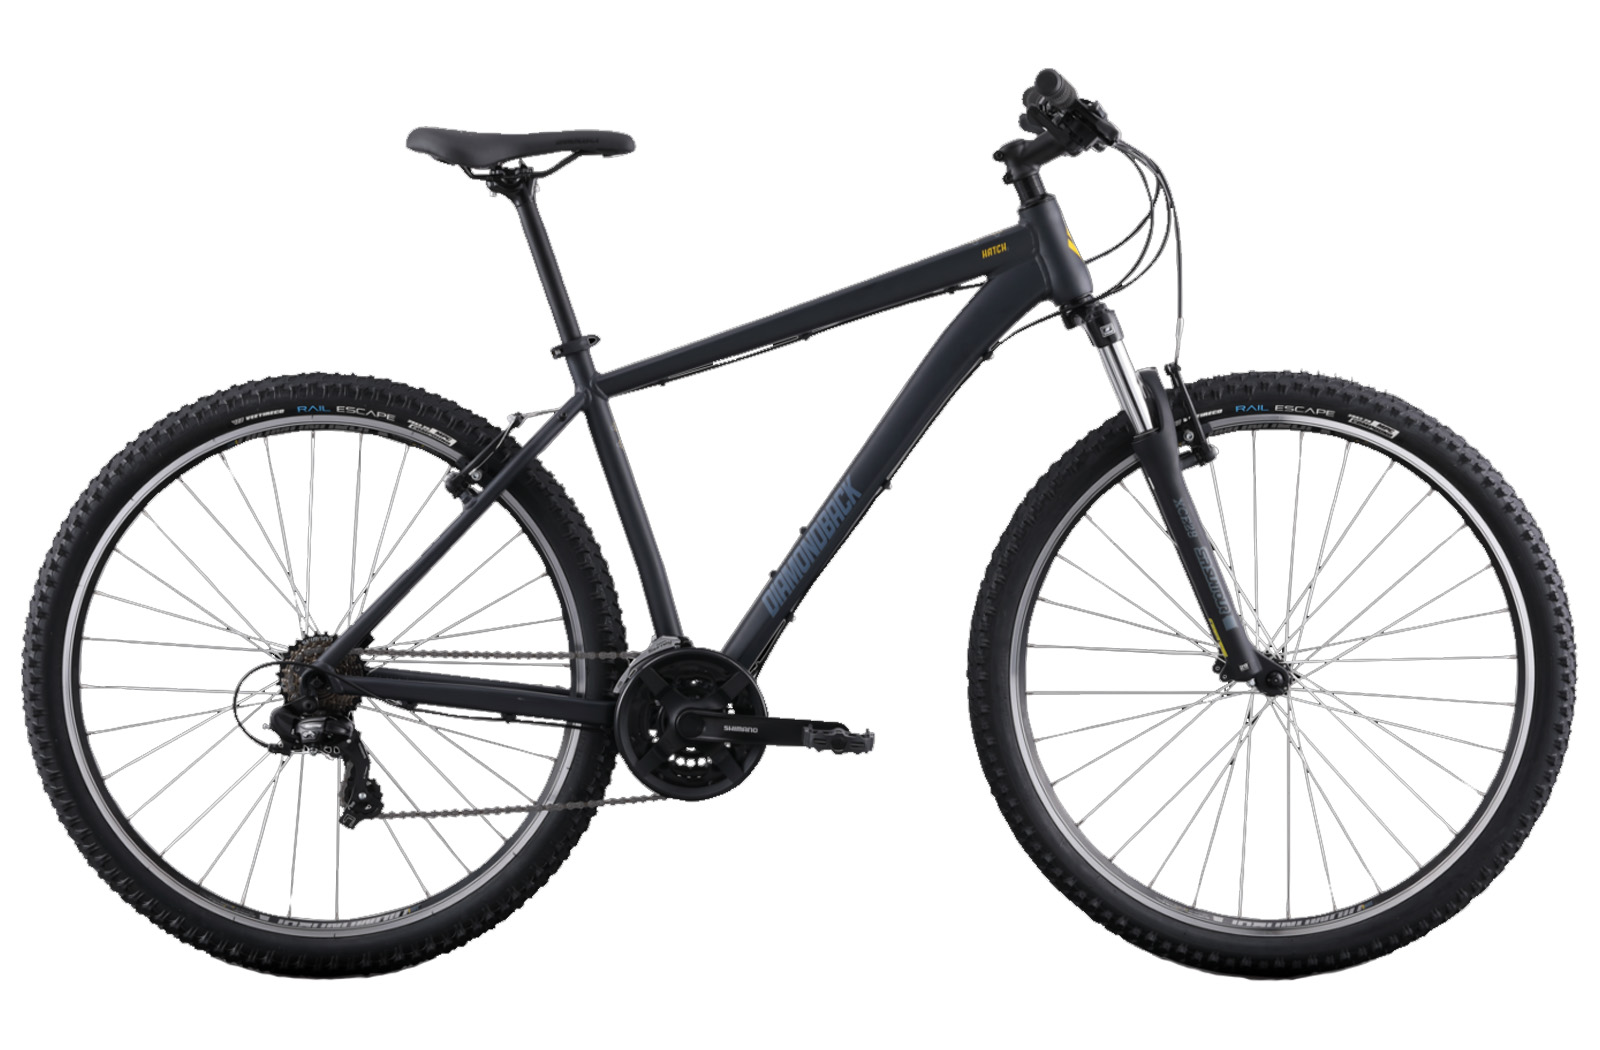 Disponible ahora: bicicleta de montaña Diamondback Hatch 1 y kit de herramientas SILCA HX-One